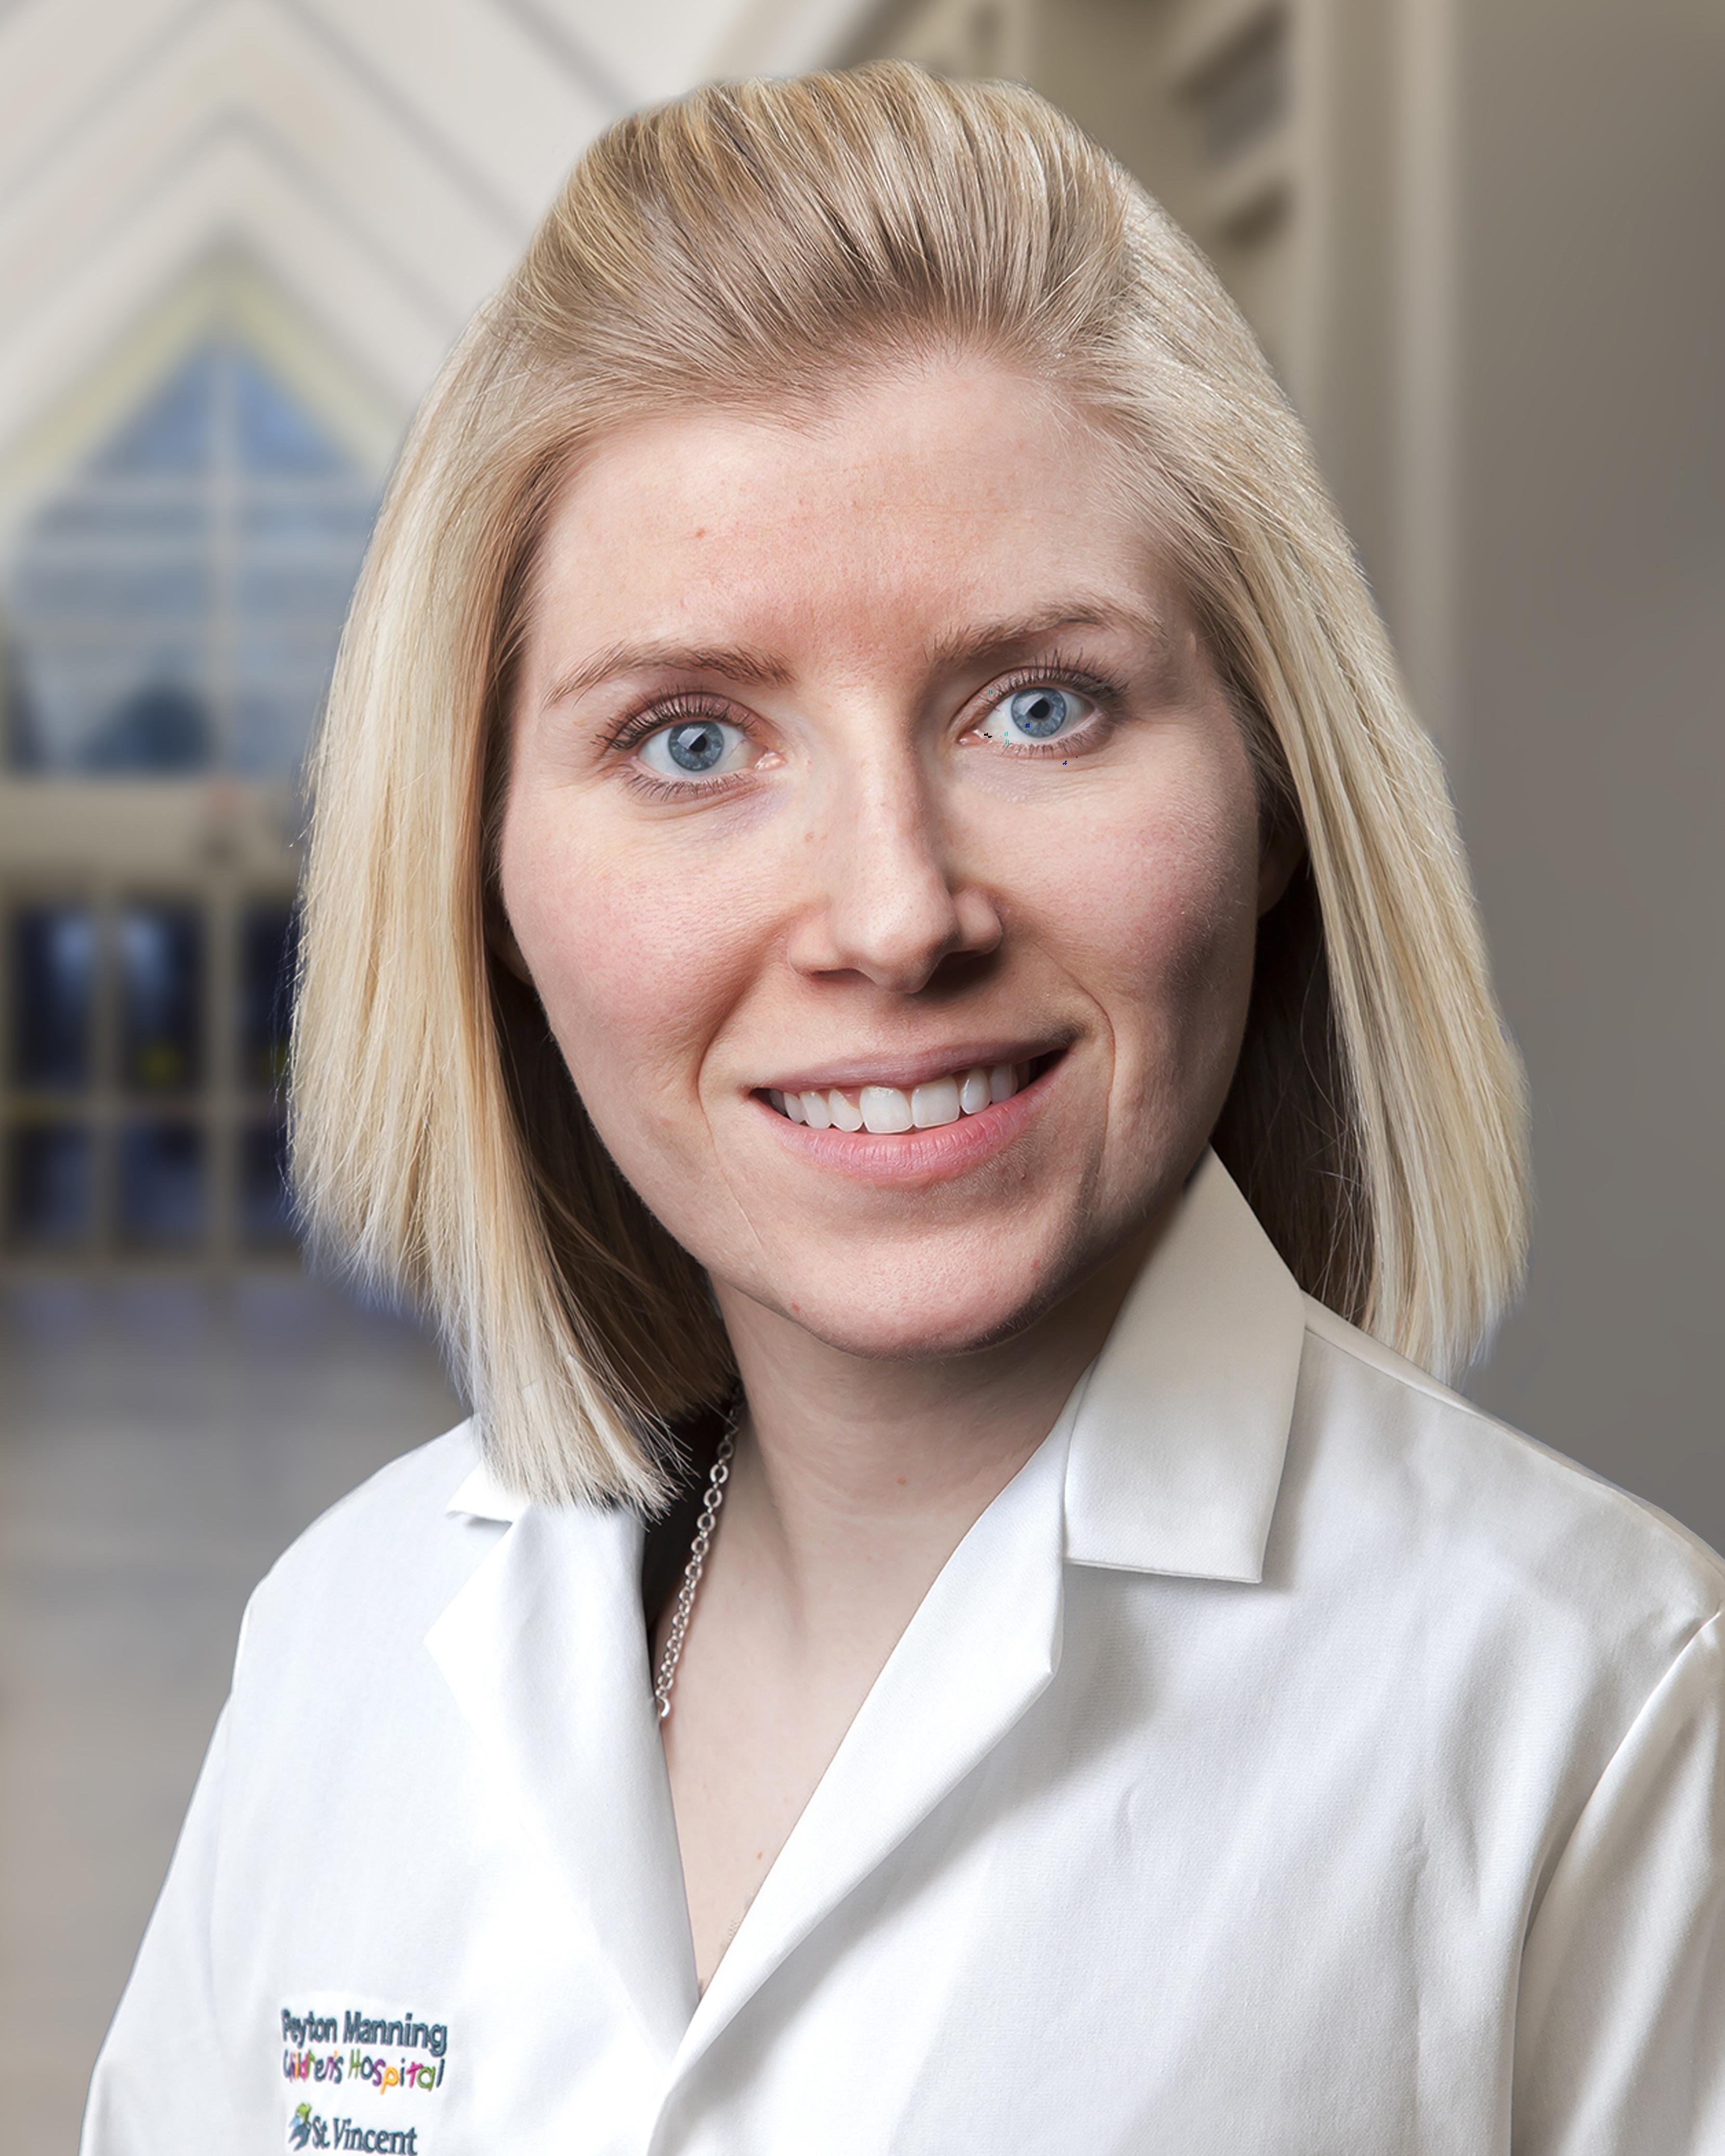 Lauren Brankle, DO